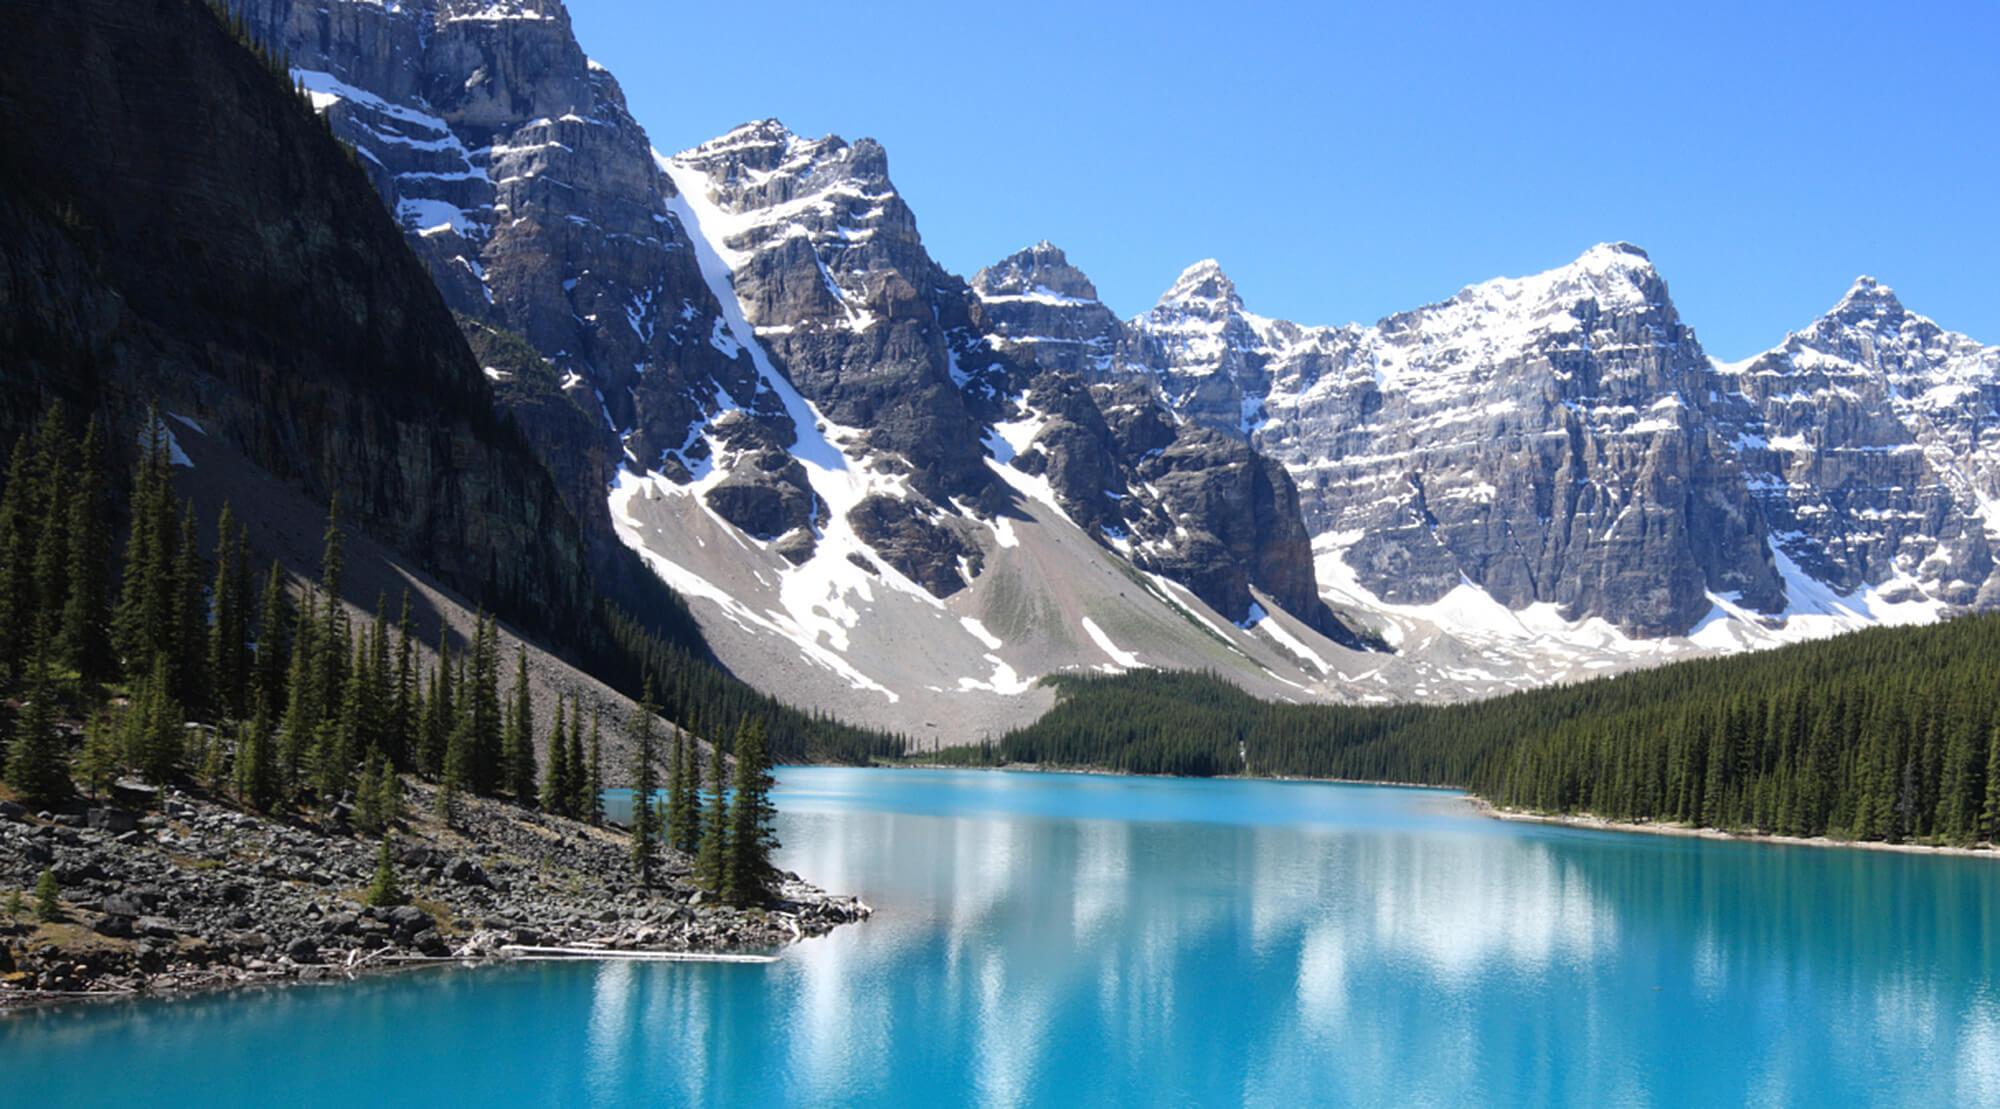 Bildergebnis für Rocky mountains